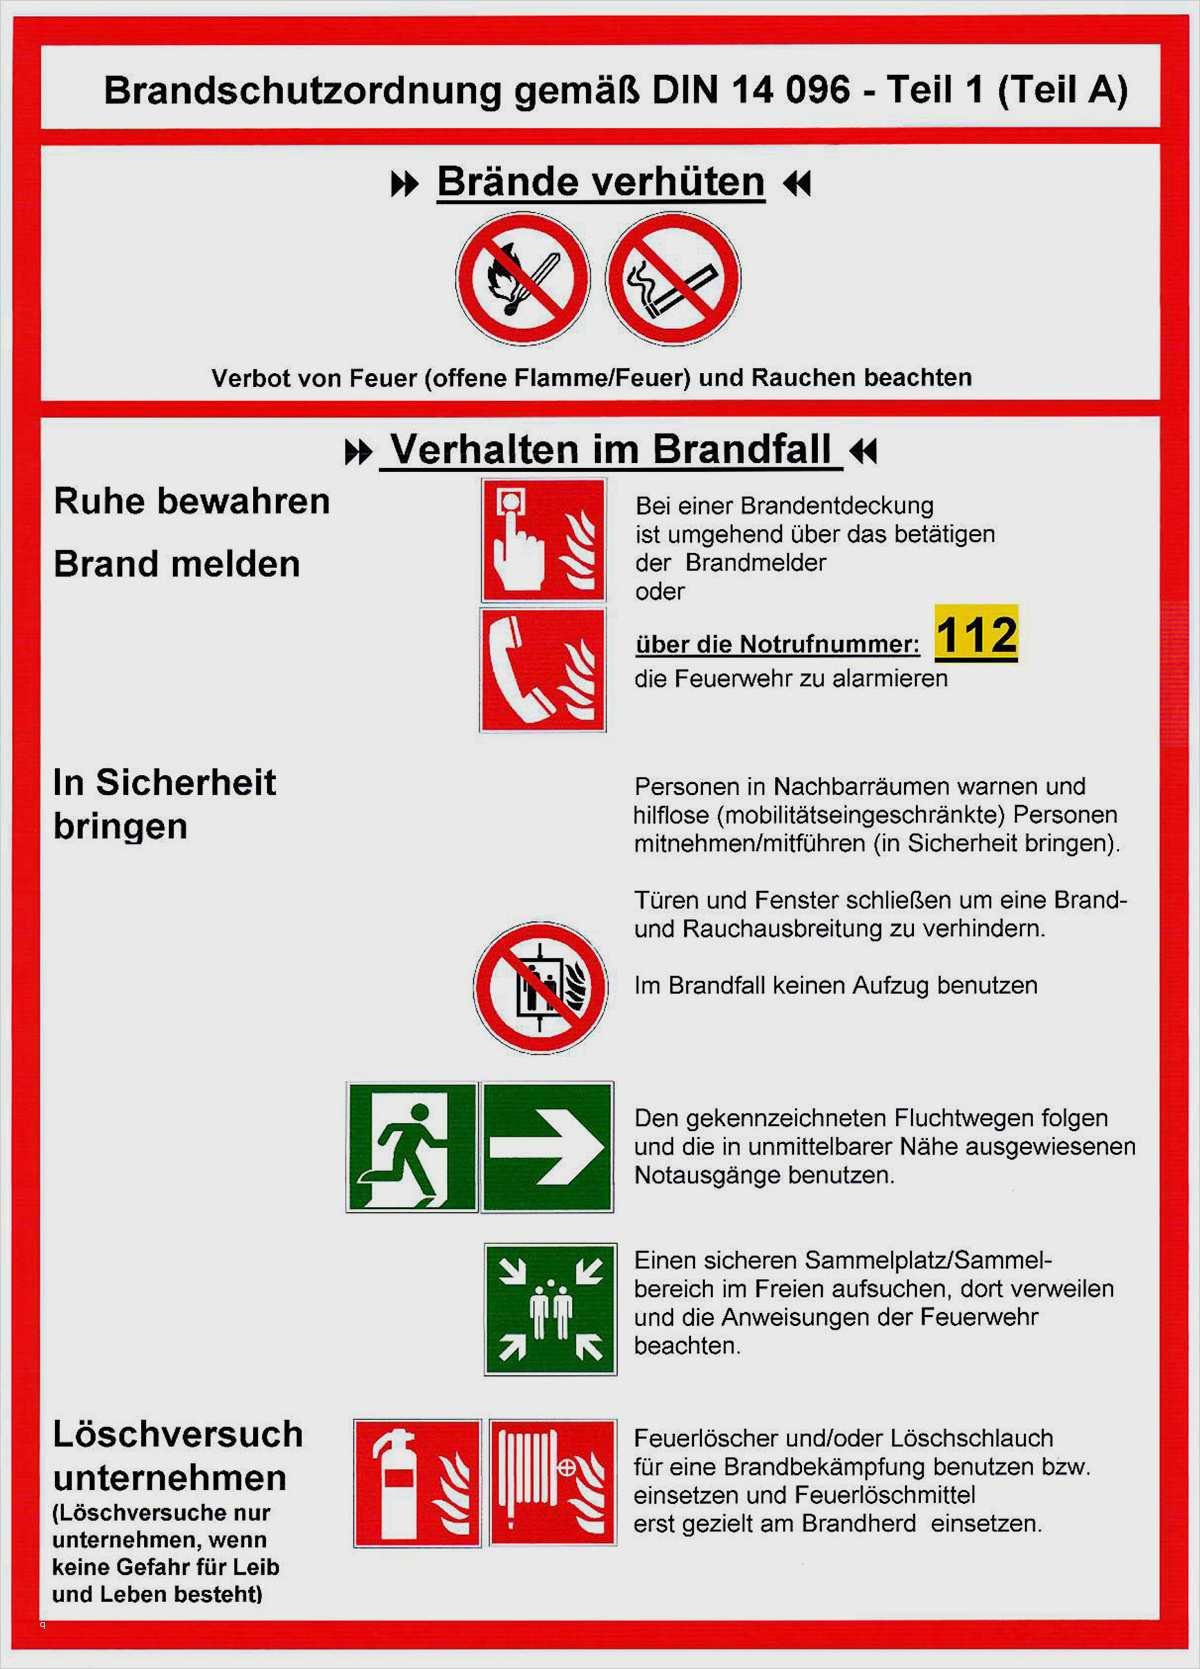 Brandschutzordnung Teil A Vorlage 14 Elegant Sie Konnen Adaptieren